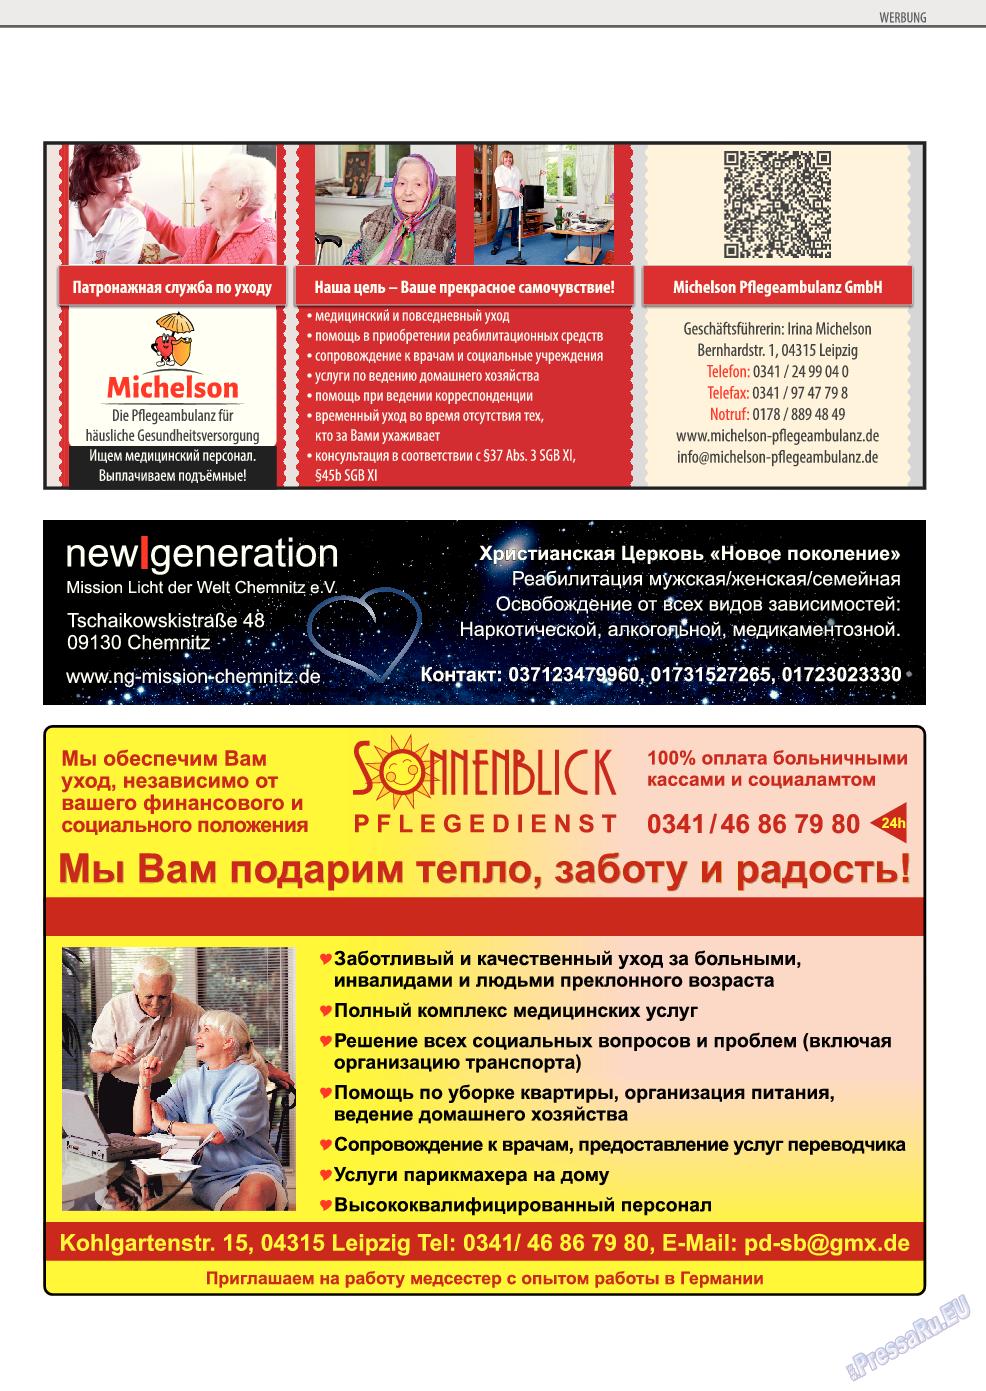 Берлинский телеграф (журнал). 2015 год, номер 9, стр. 39